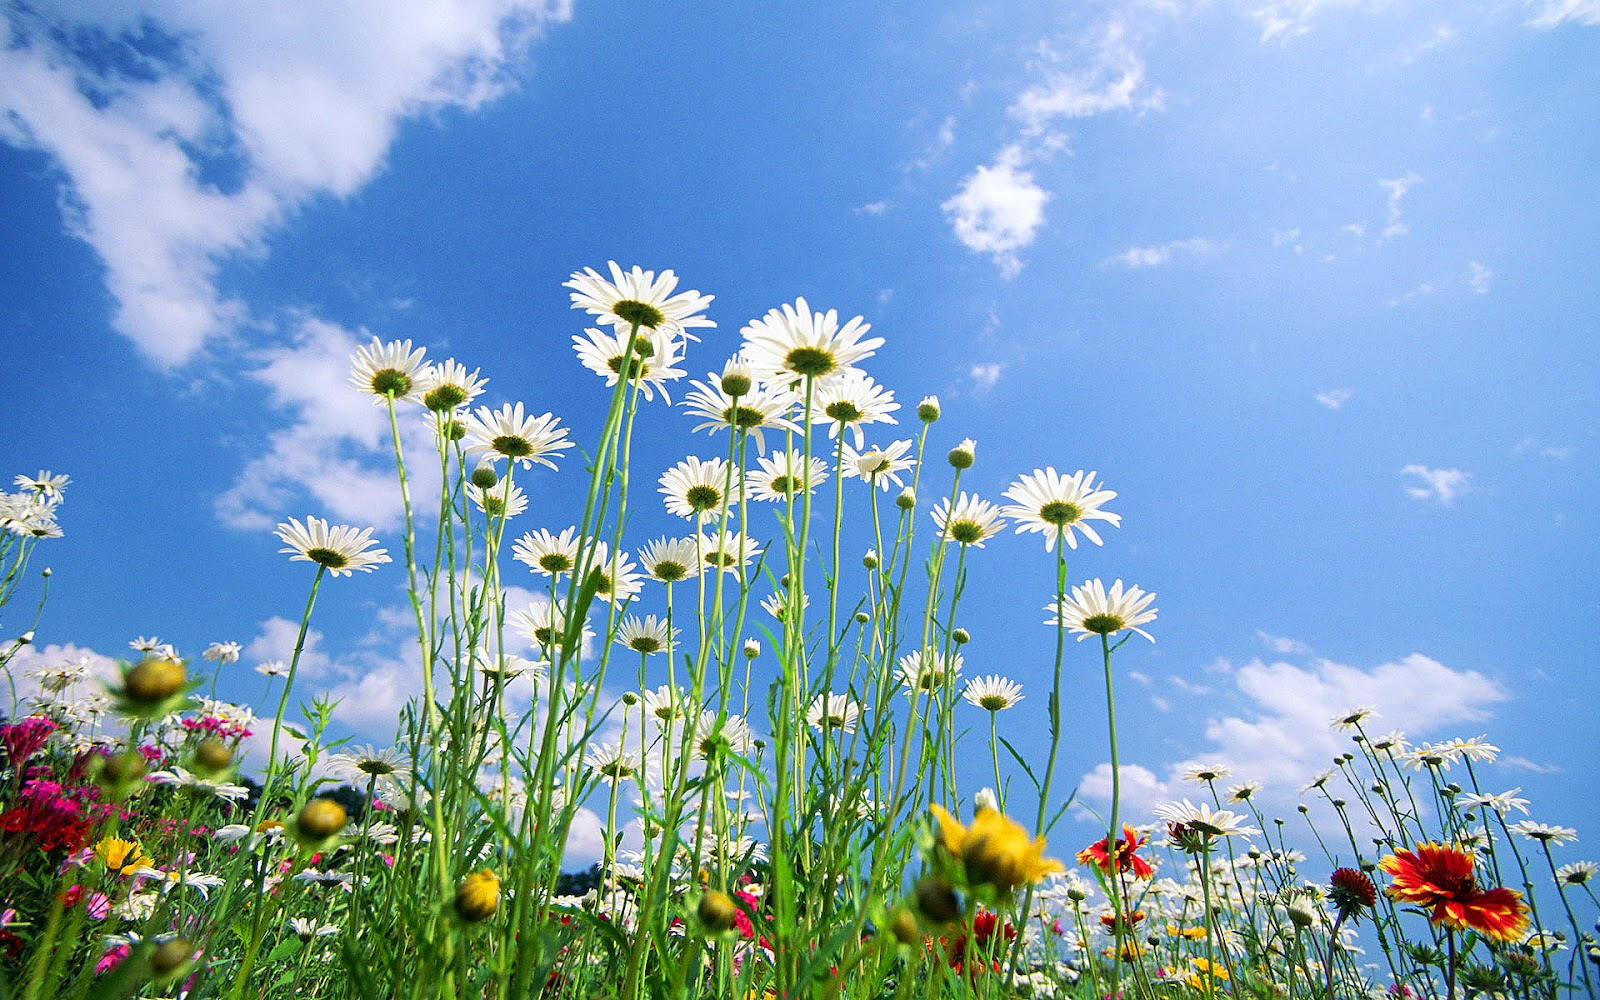 lente achtergronden hd -#main